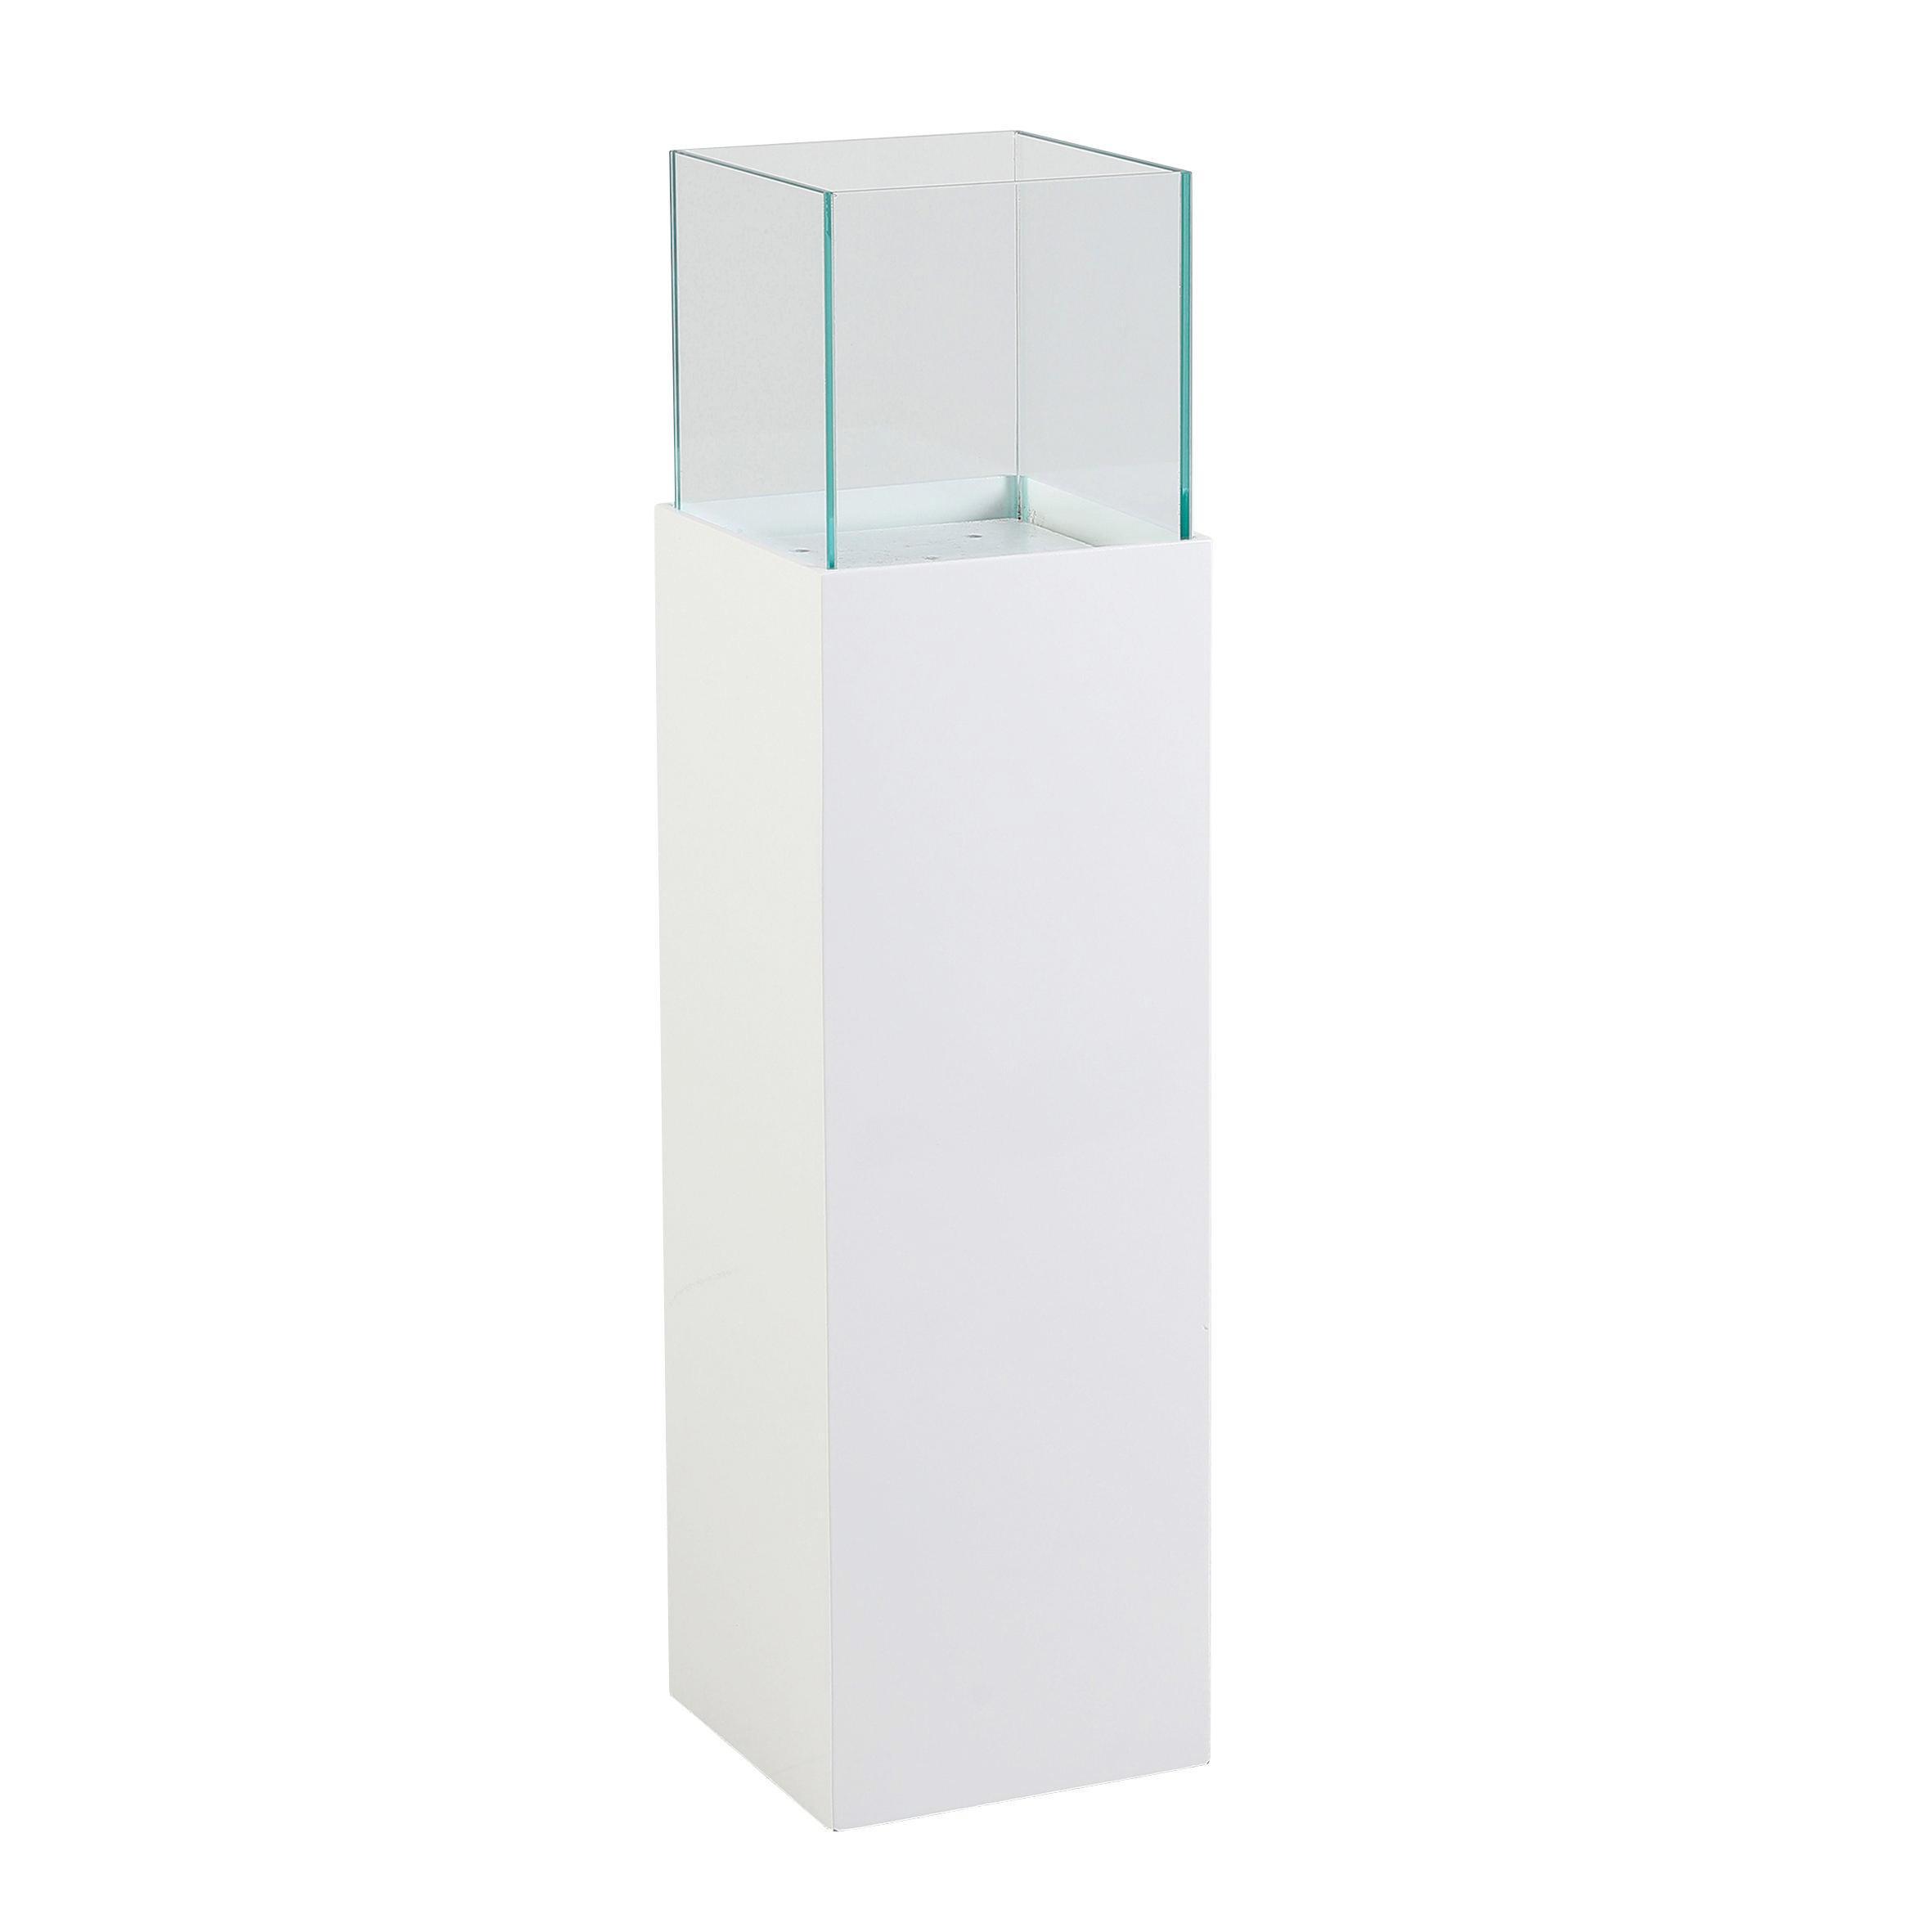 DEKOSÄULE - Weiß, Glas/Kunststoff (20/20/96,80cm)